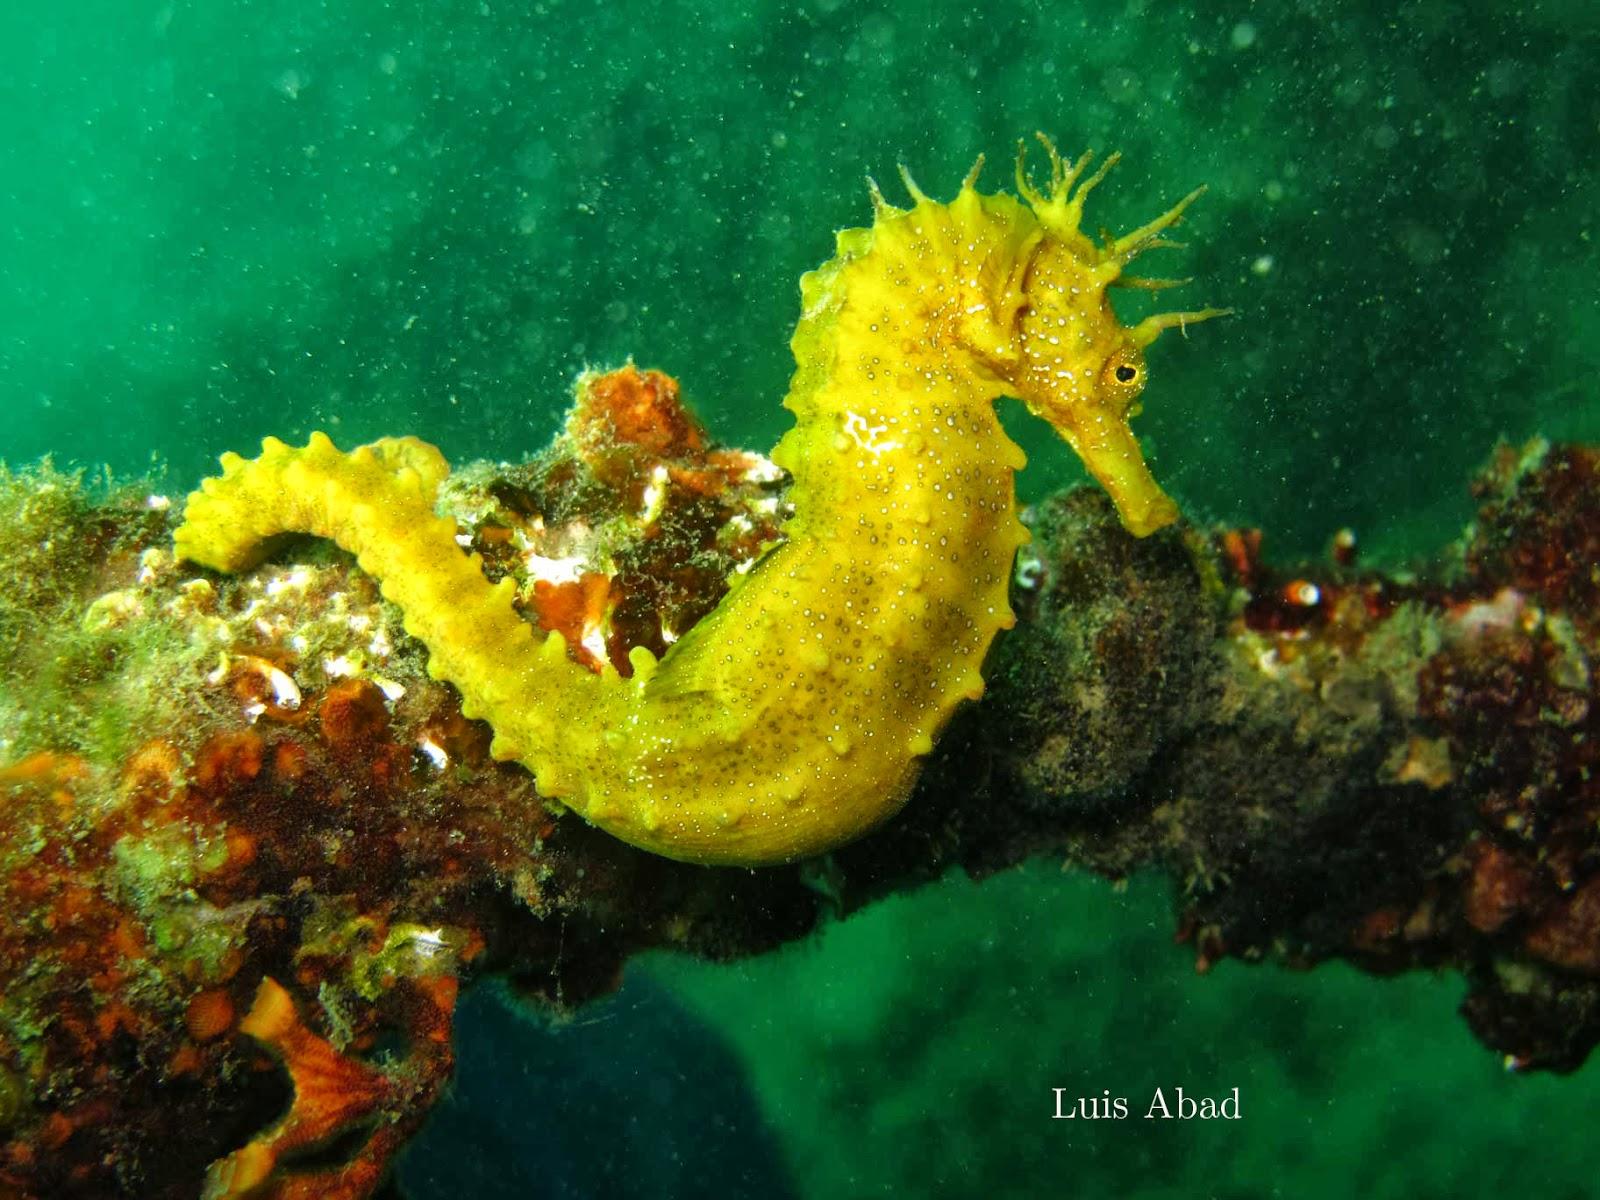 Protejamos las maravillas del mar los sign tidos peces - Fotos de peces del mediterraneo ...